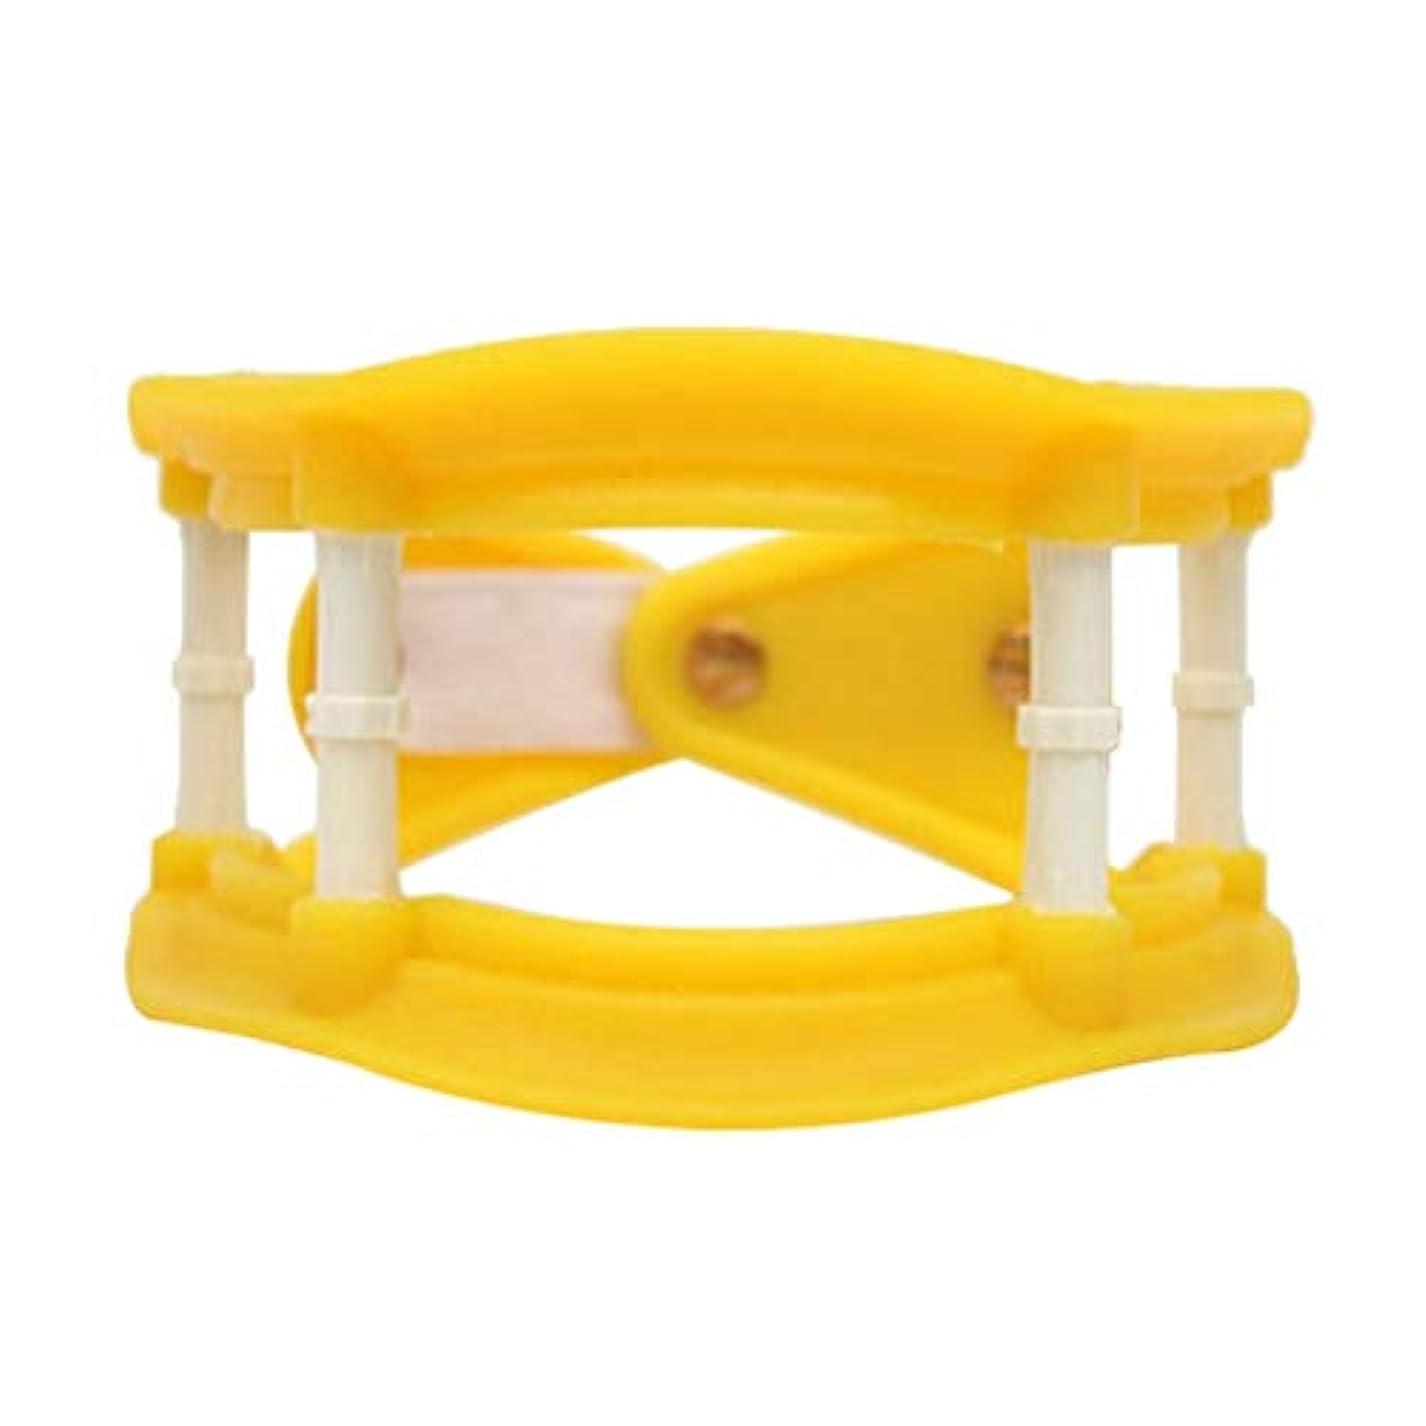 Healifty 首の牽引通気性の首サポートブレース調整可能な首のつばの首の痛みを軽減します傷害回復(黄色)